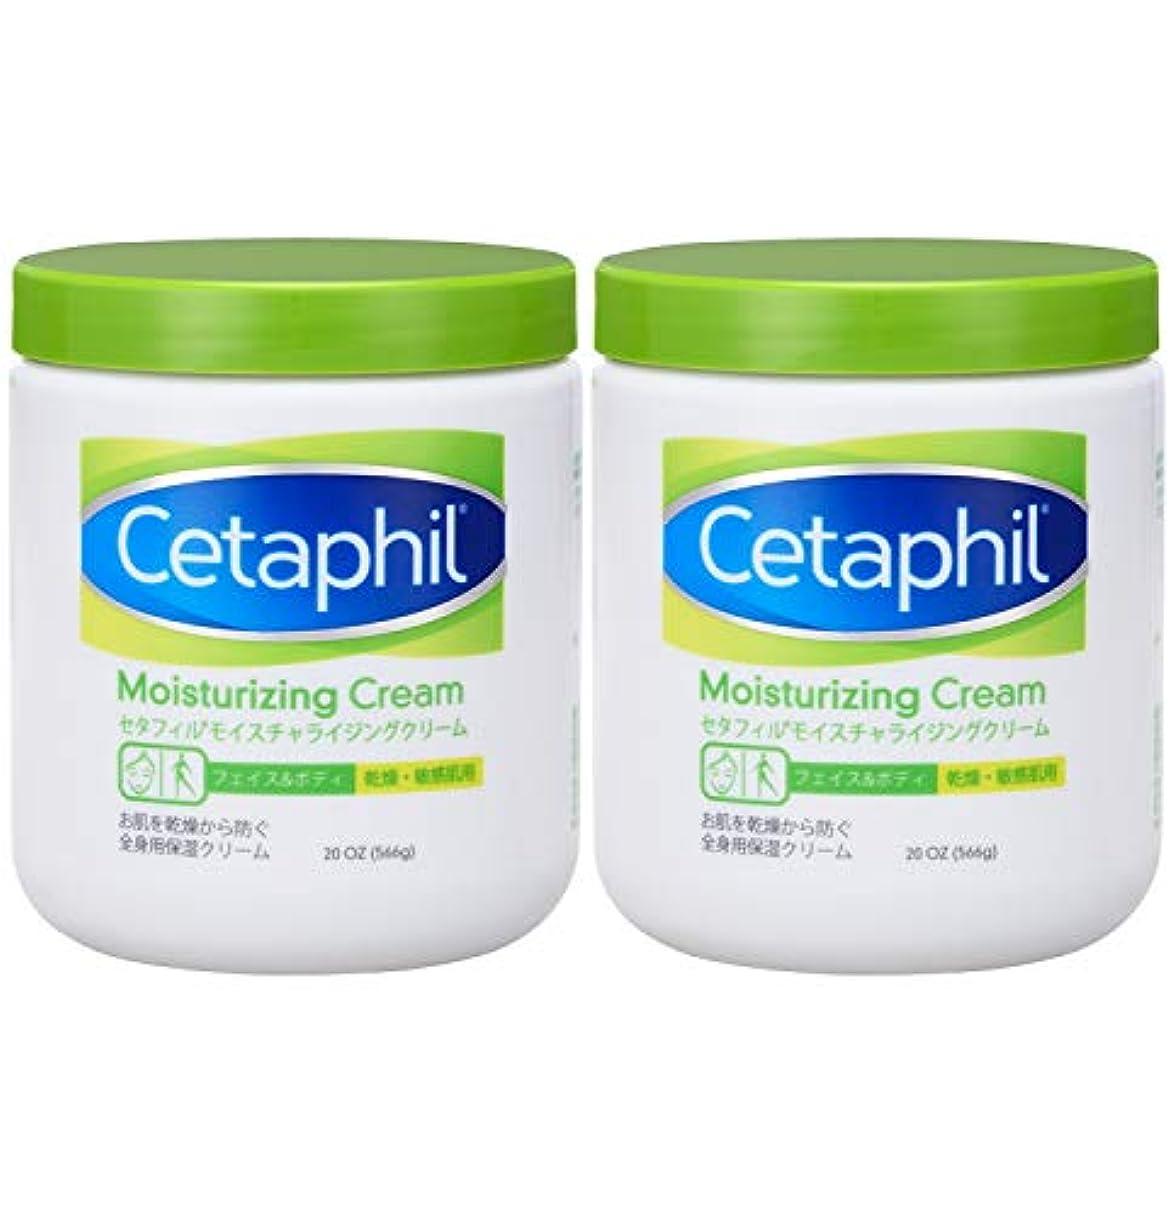 火傷唇追うセタフィル Cetaphil ® モイスチャライジングクリーム 566ml 2本組 ( フェイス & ボディ 保湿クリーム クリーム )